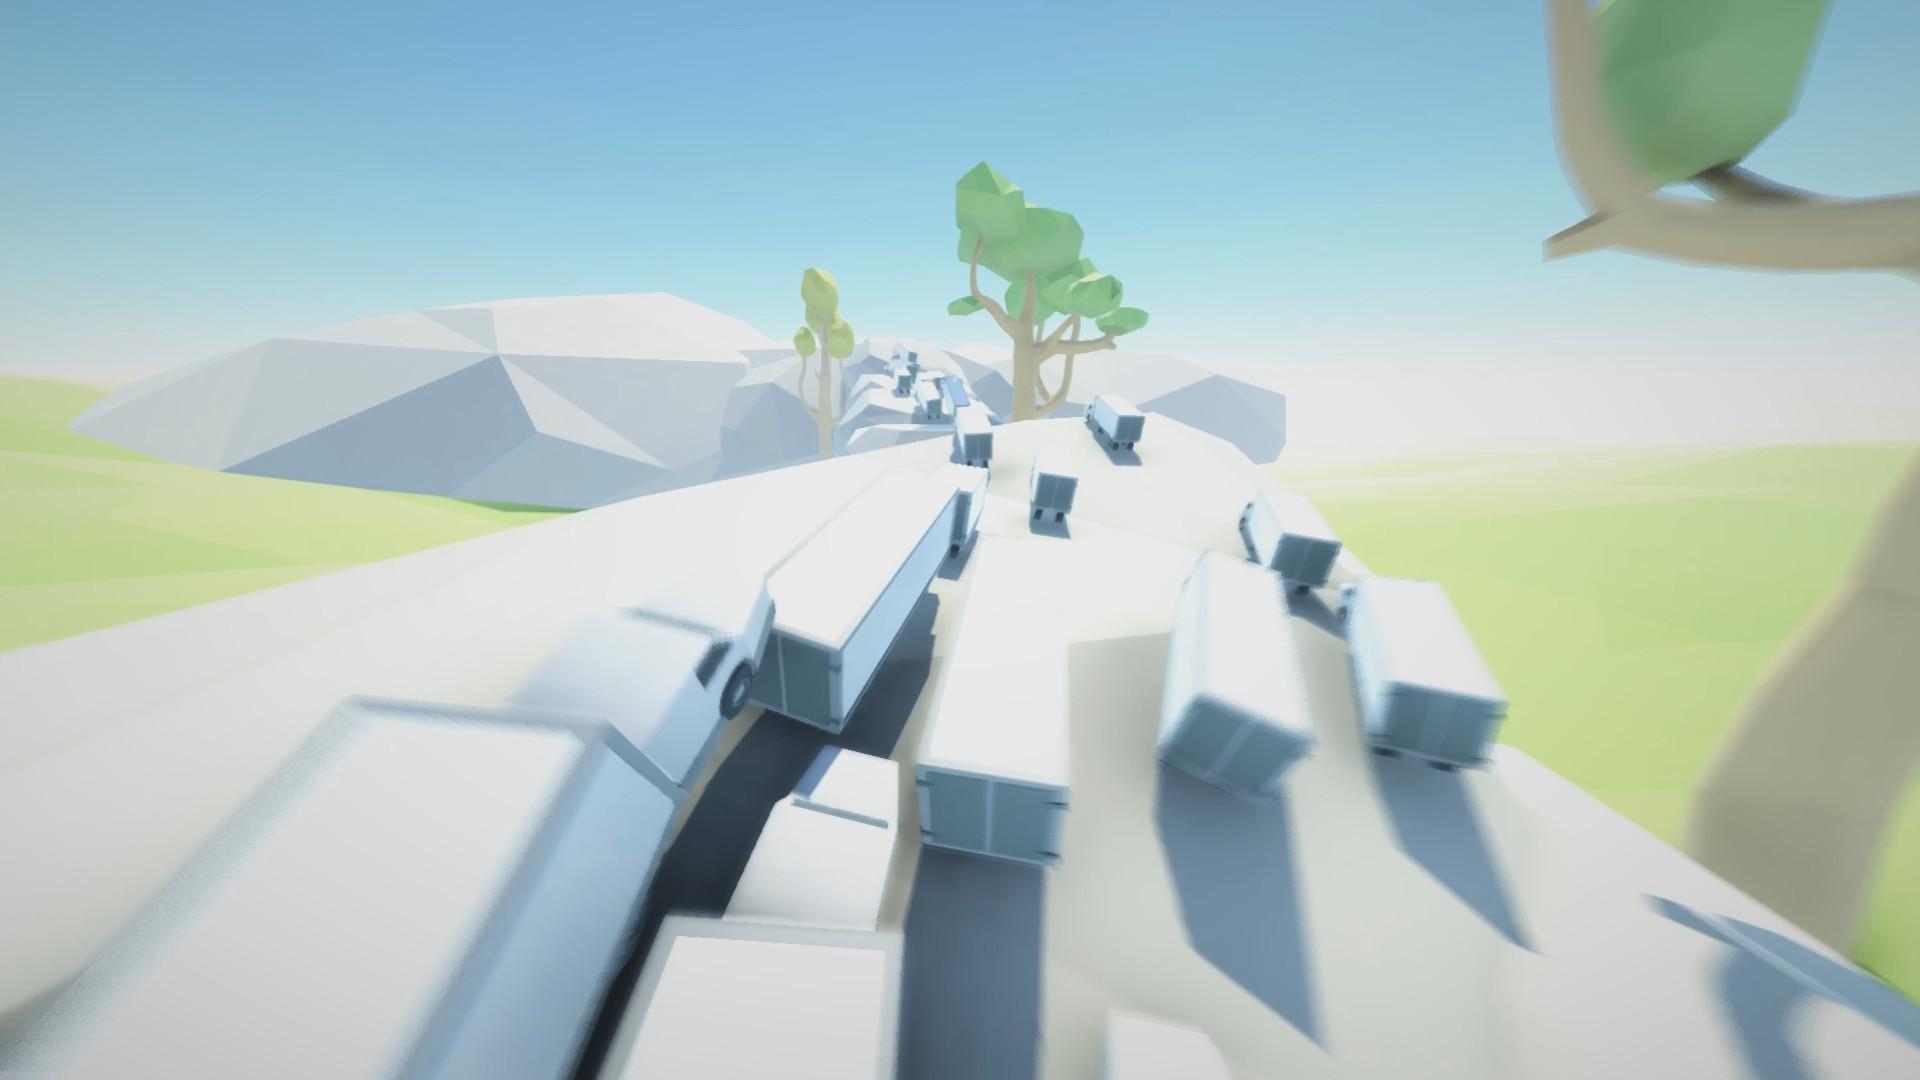 Clustertruck Screenshot 2